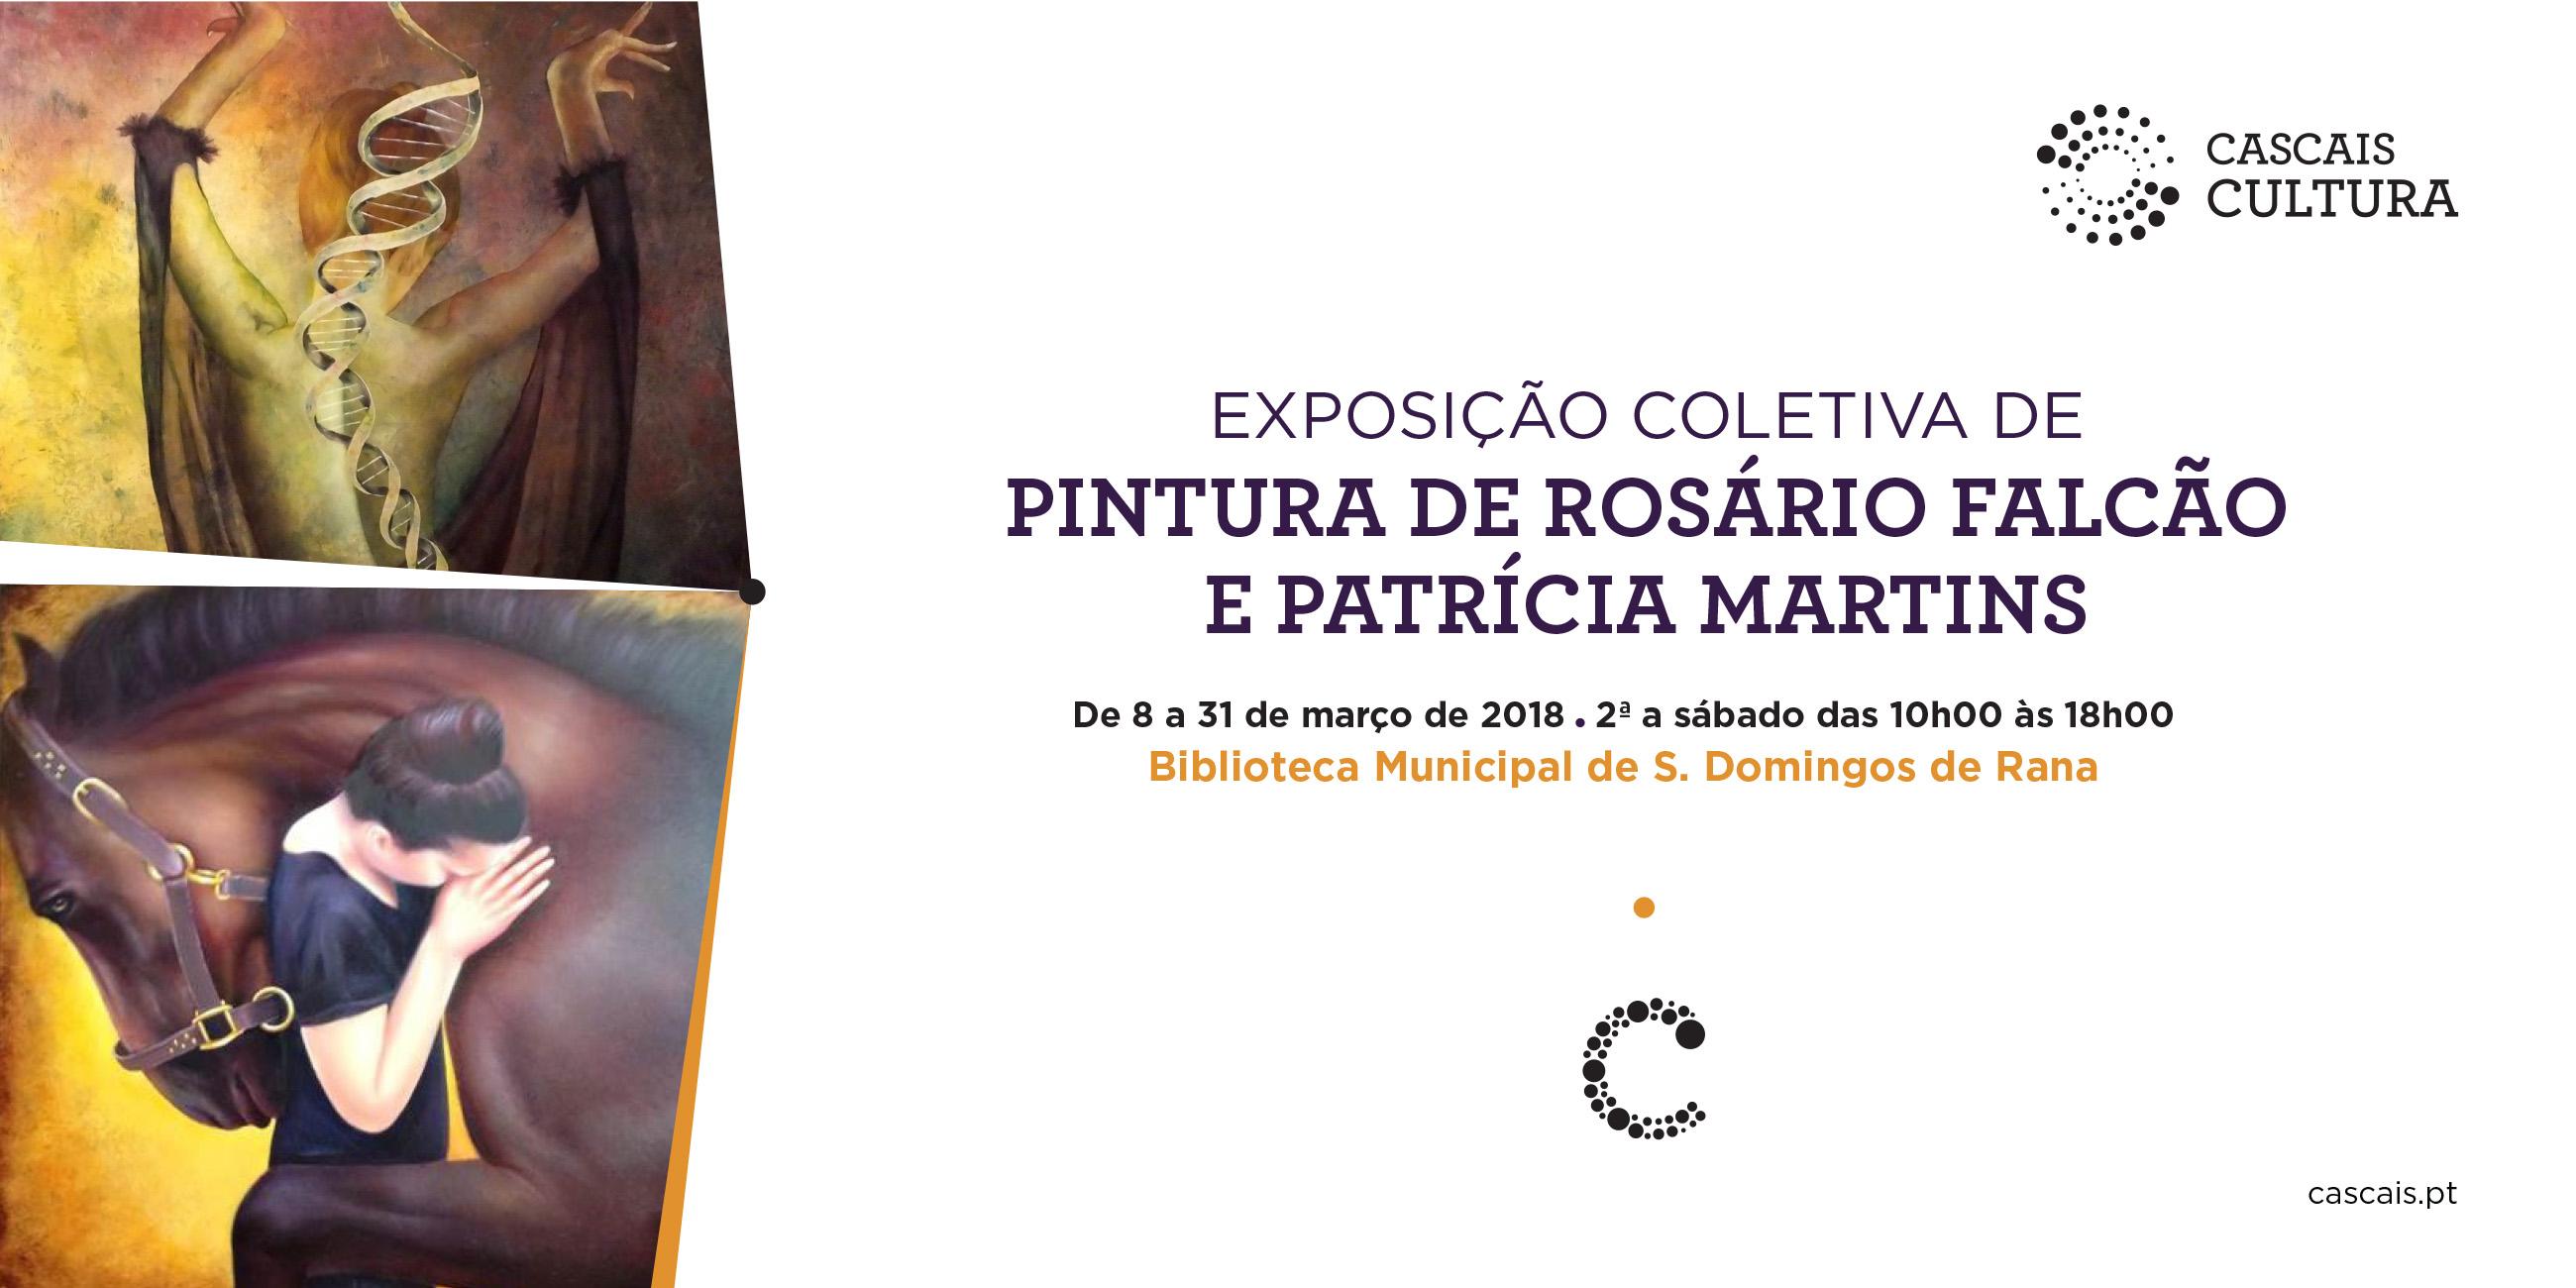 Exposição coletiva de pintura de Rosário Falcão e Patrícia Martins